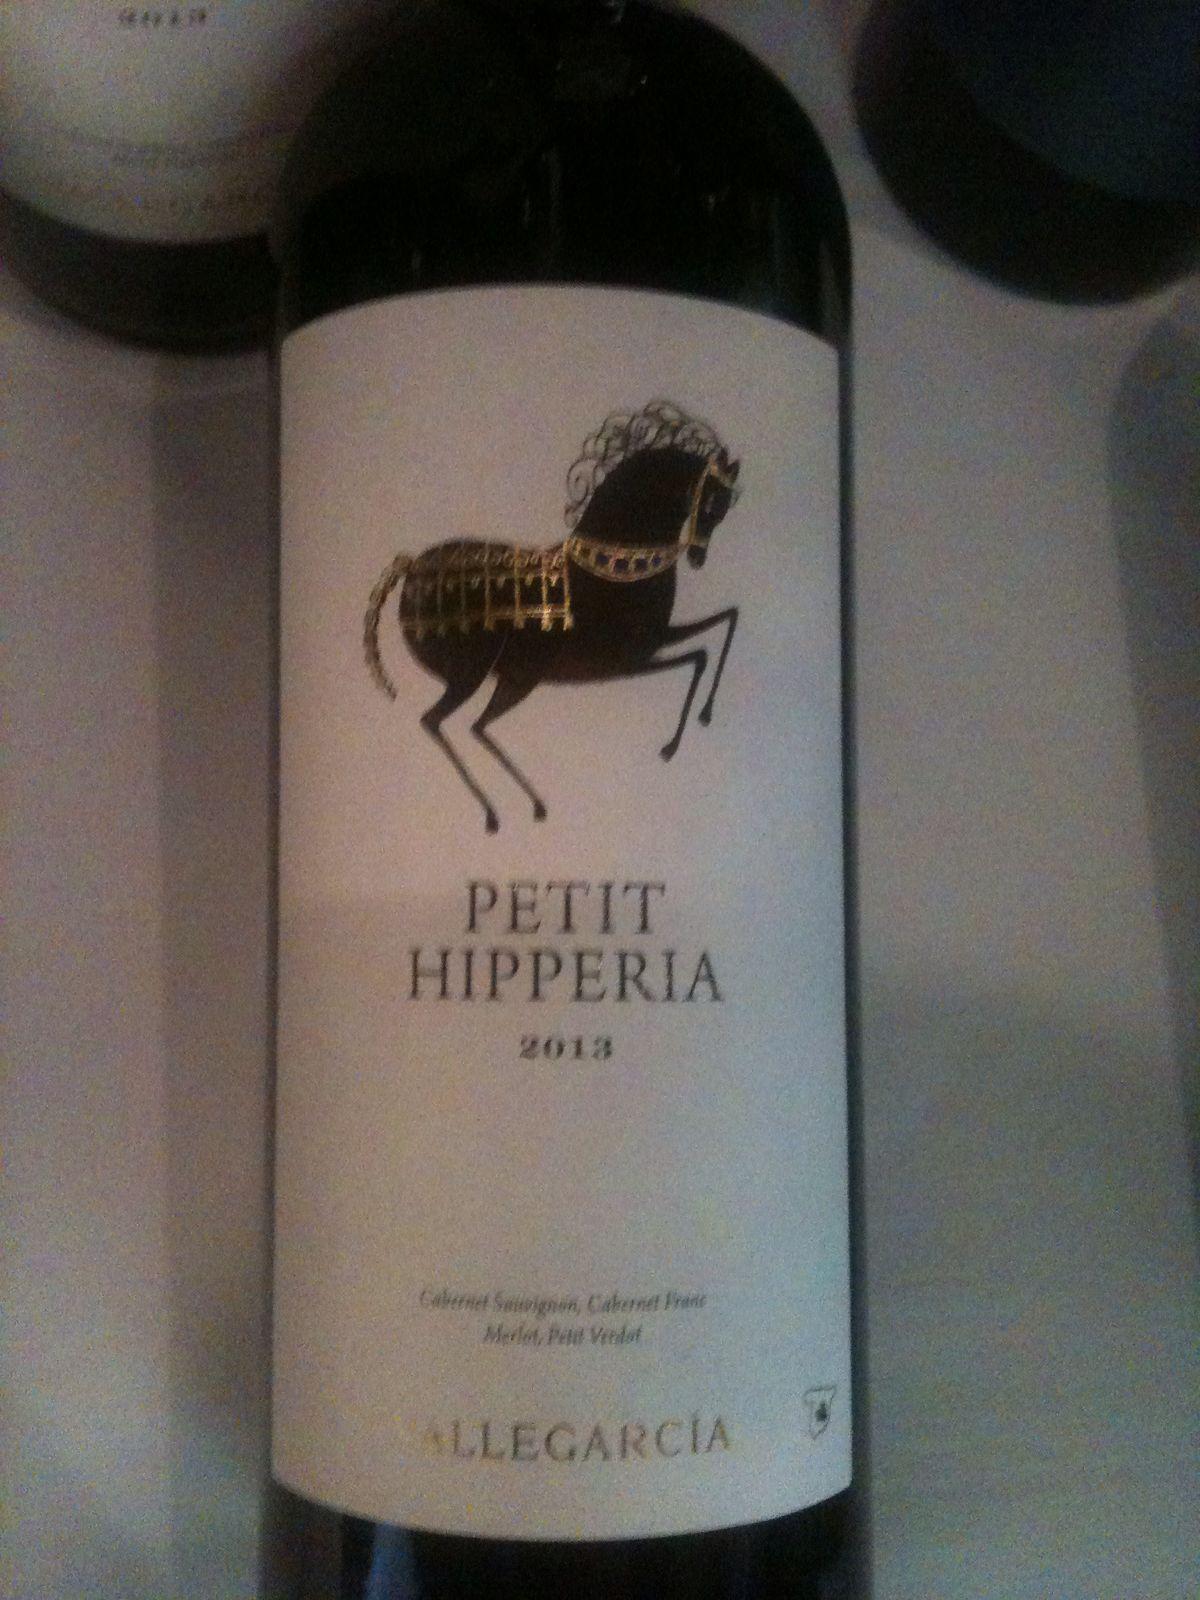 PETIT pero muy bueno, jeje- Gracias Verema por democratizar y hacer más grande el mundo del vino